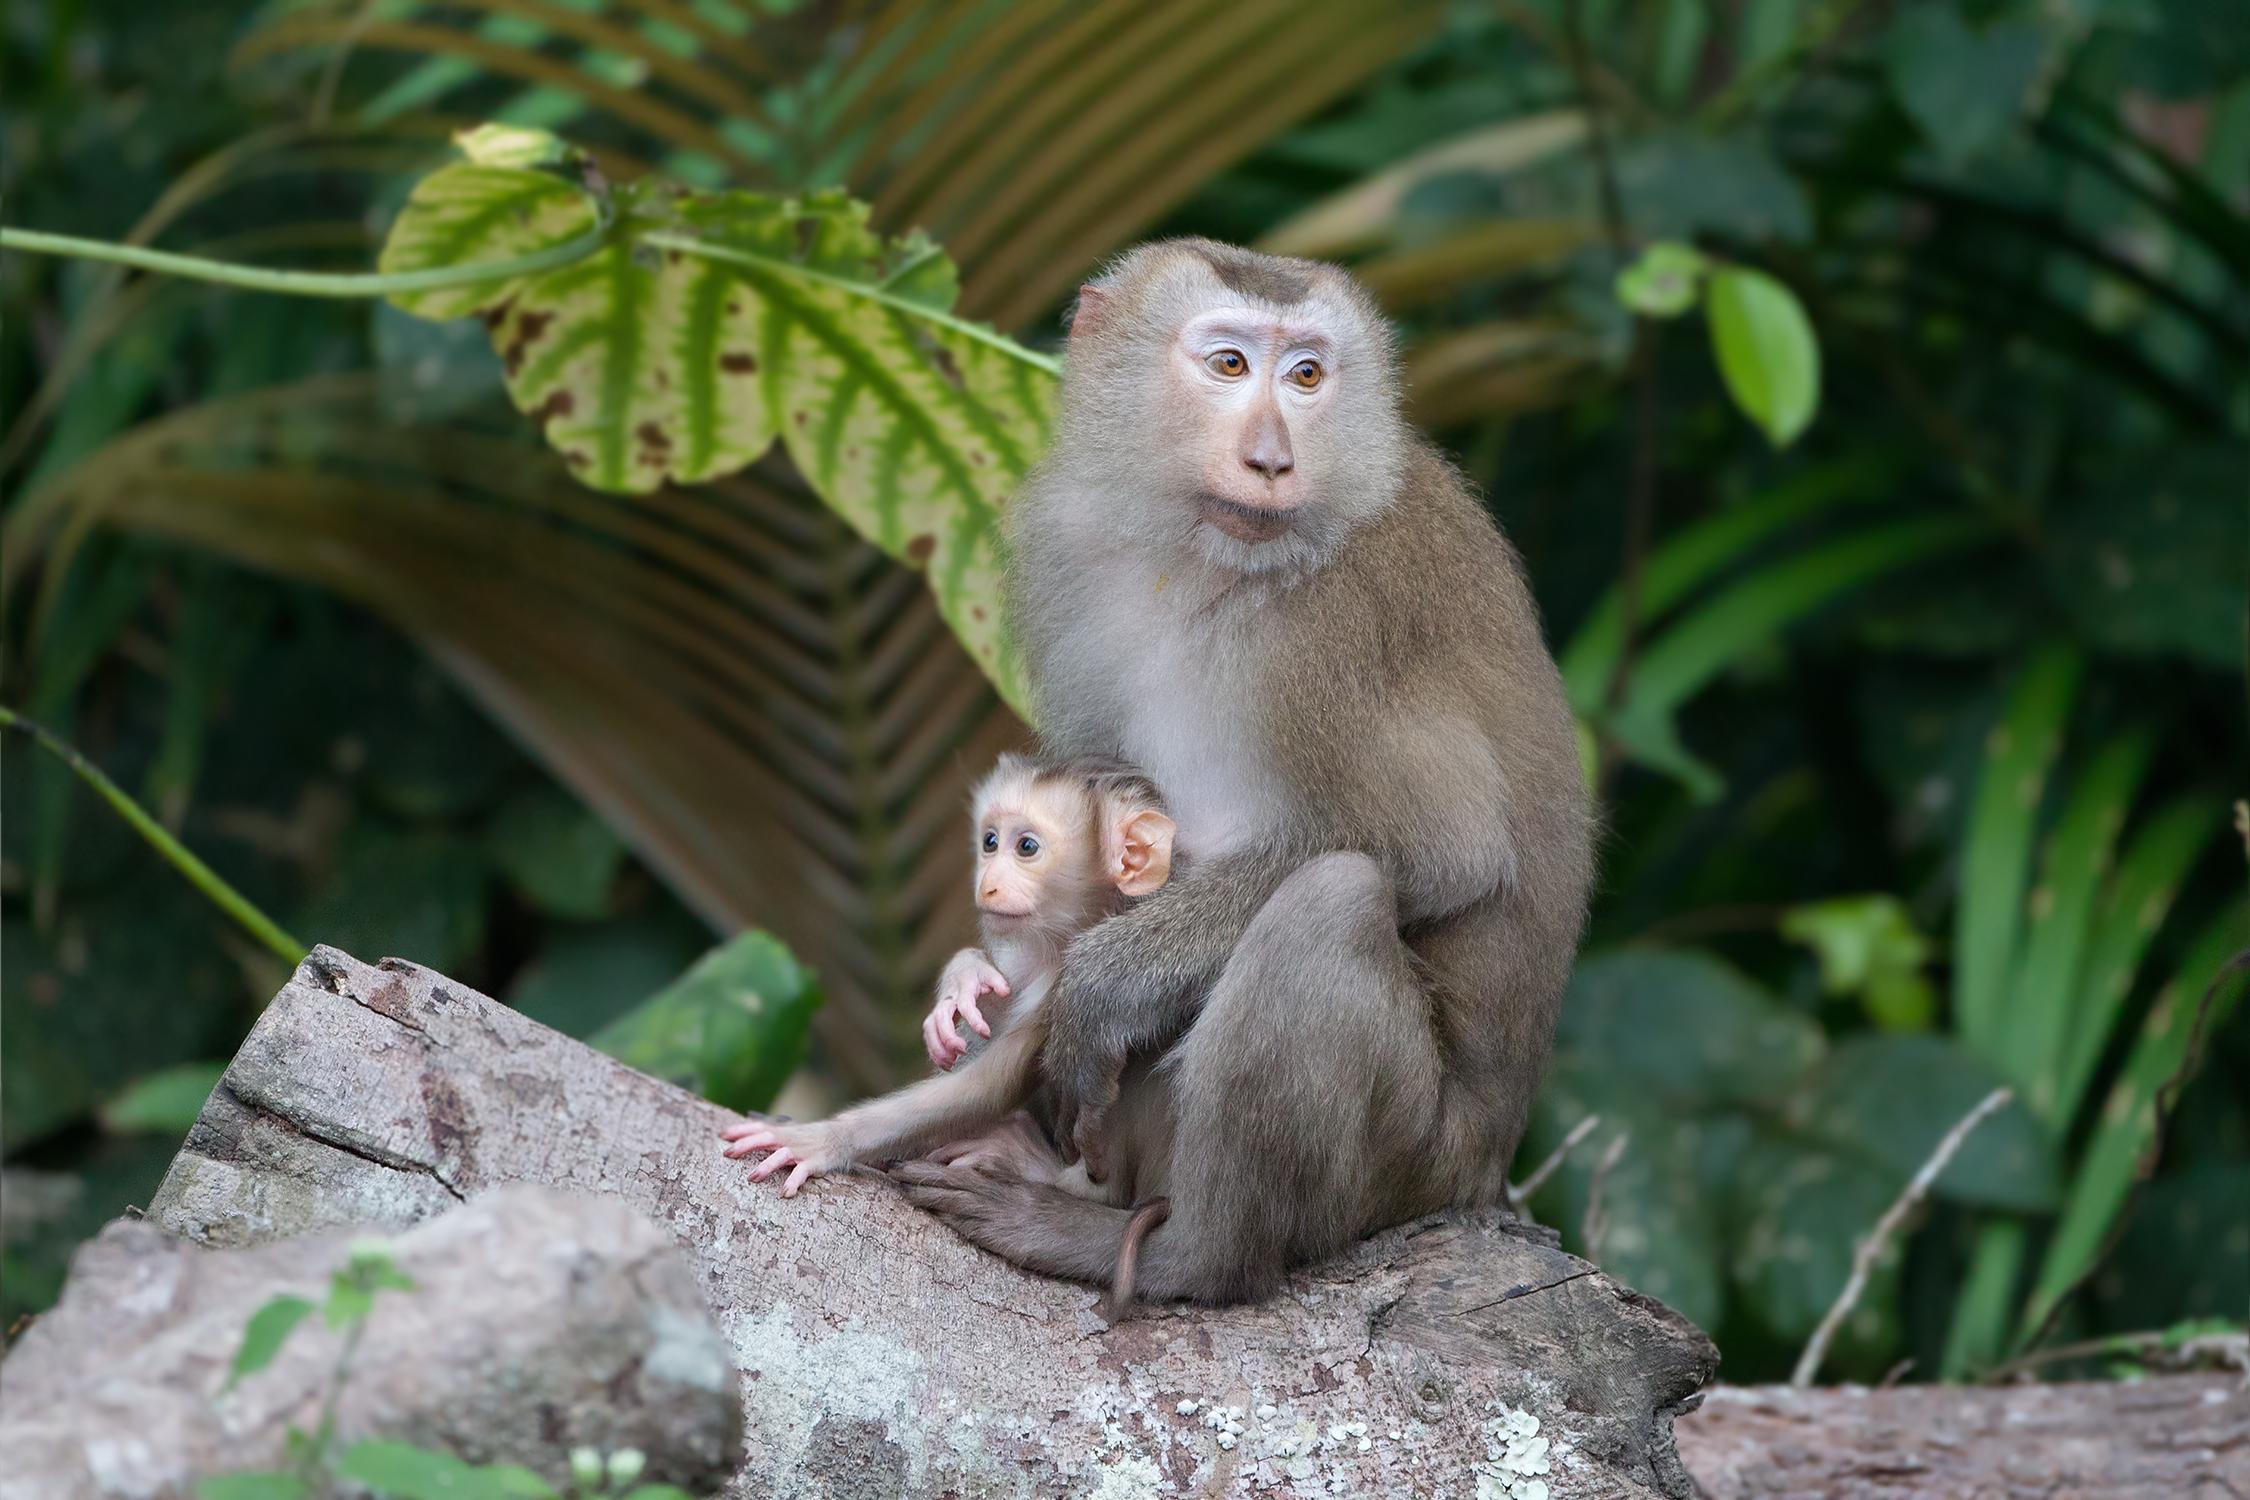 Macaca_leonina_mother_with_baby_-_Khao_Yai